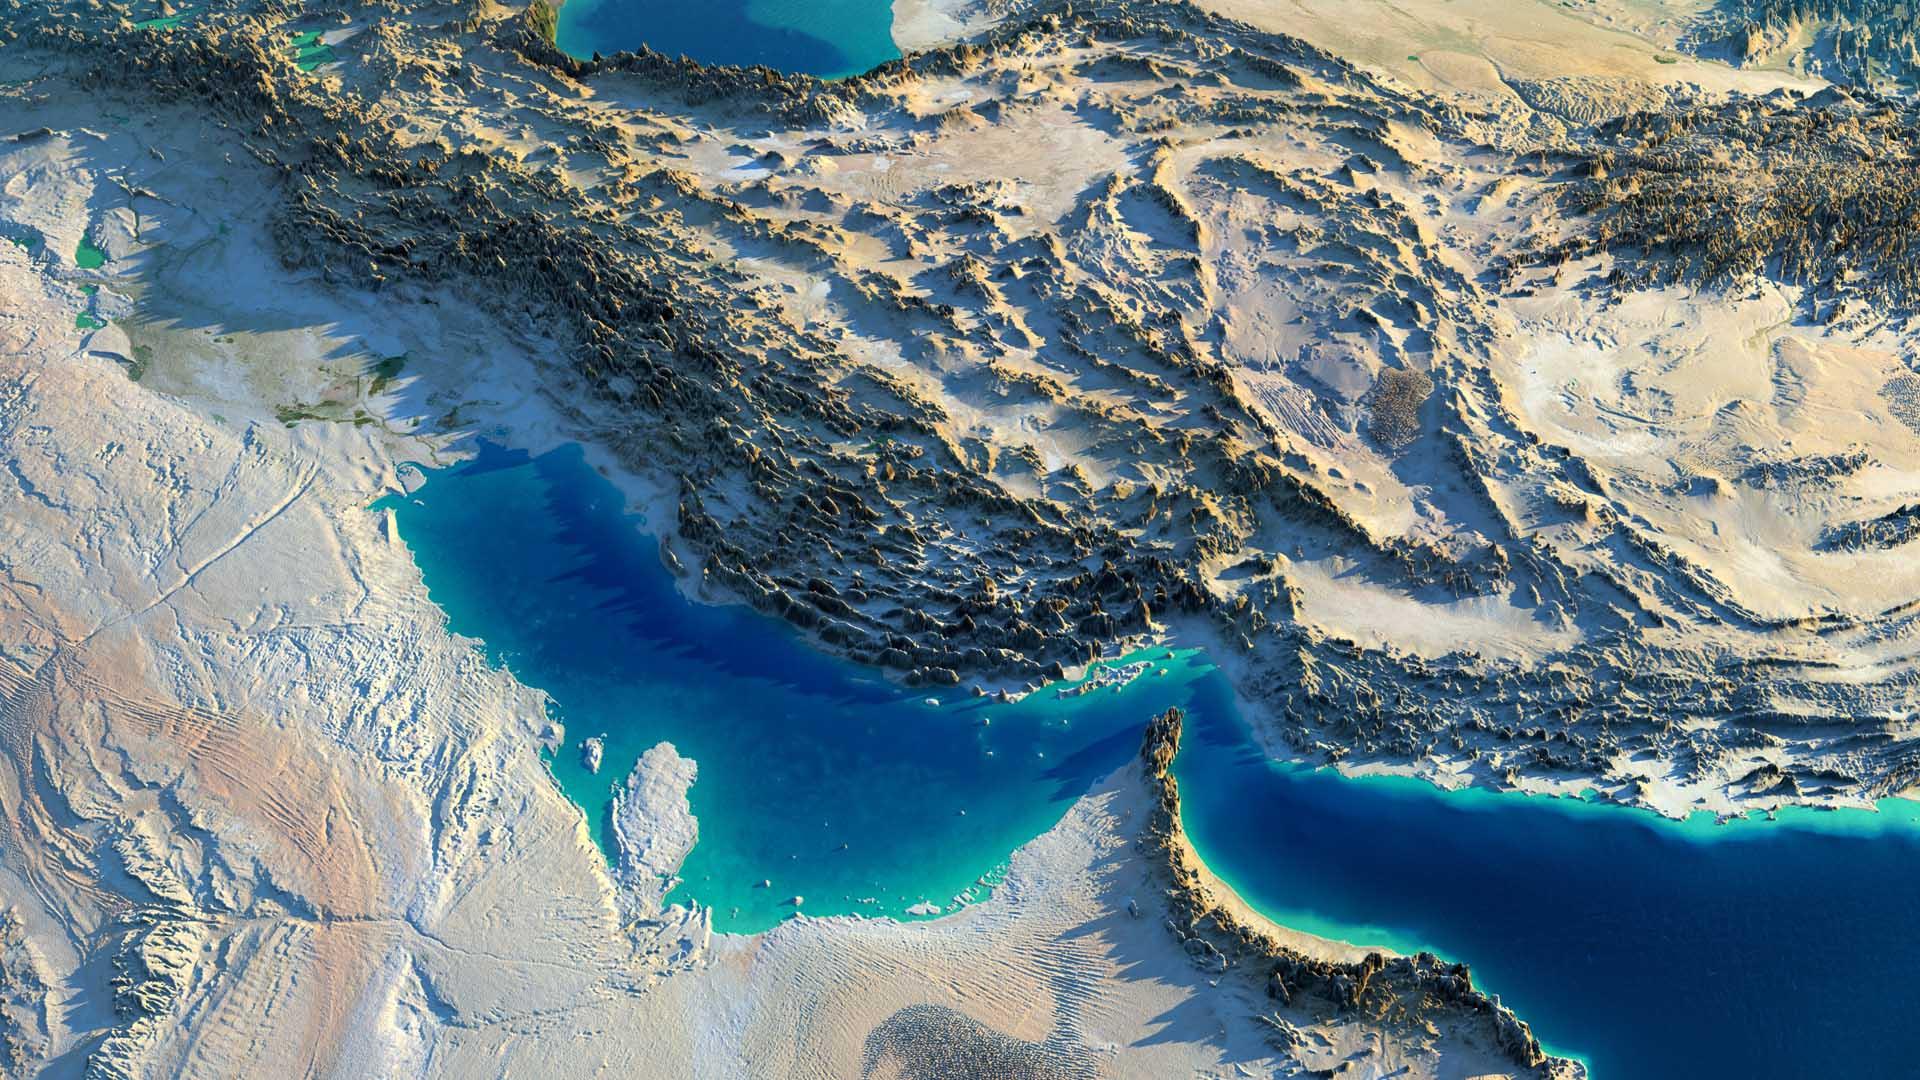 نحو استراتيجية متكاملة للأمن البحري لدول الخليج العربي